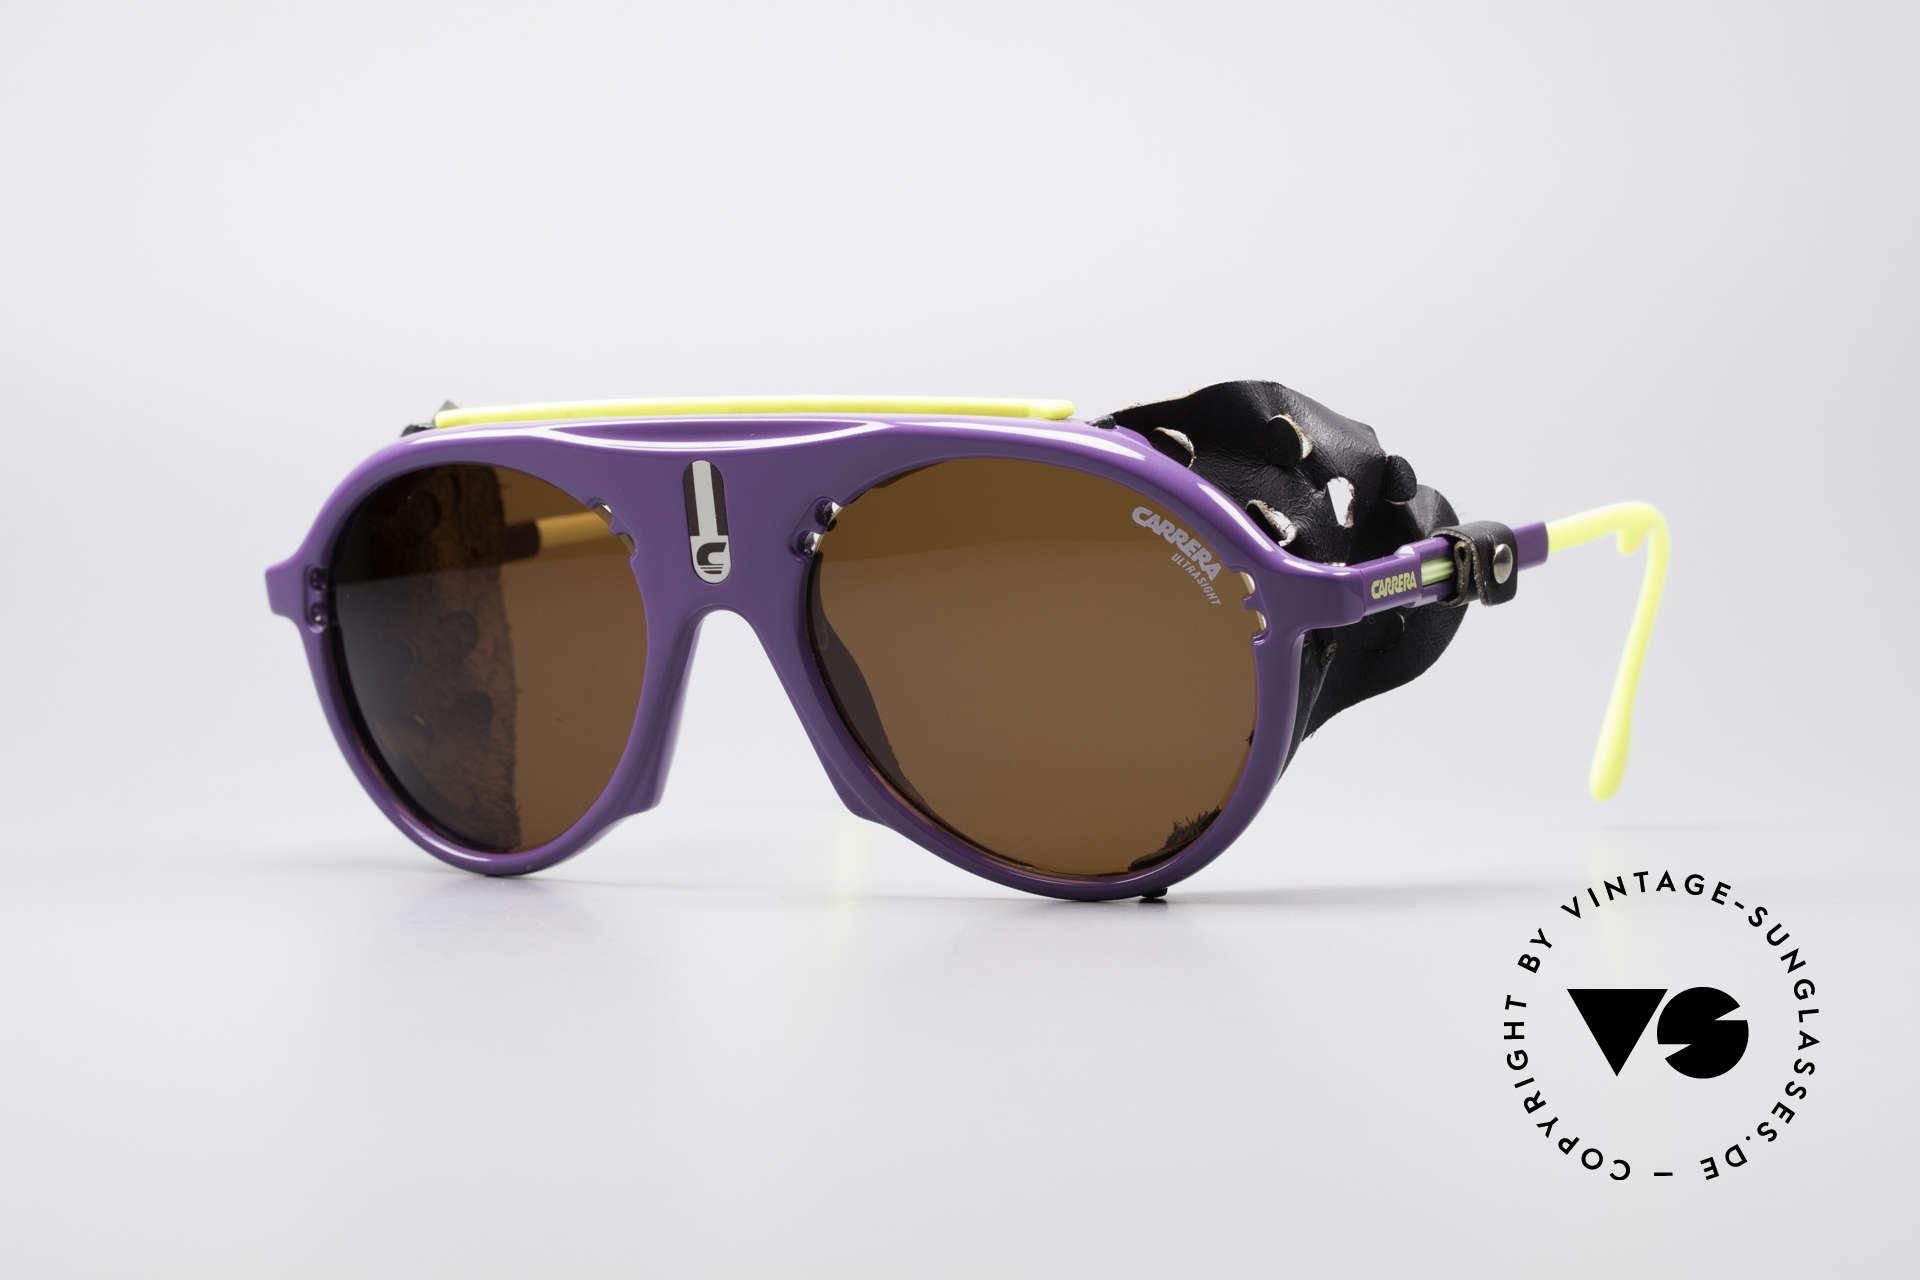 Carrera 5436 Water & Ice SkiBrille, vintage Sportbrille bzw. Gletscherbrille von CARRERA, Passend für Herren und Damen